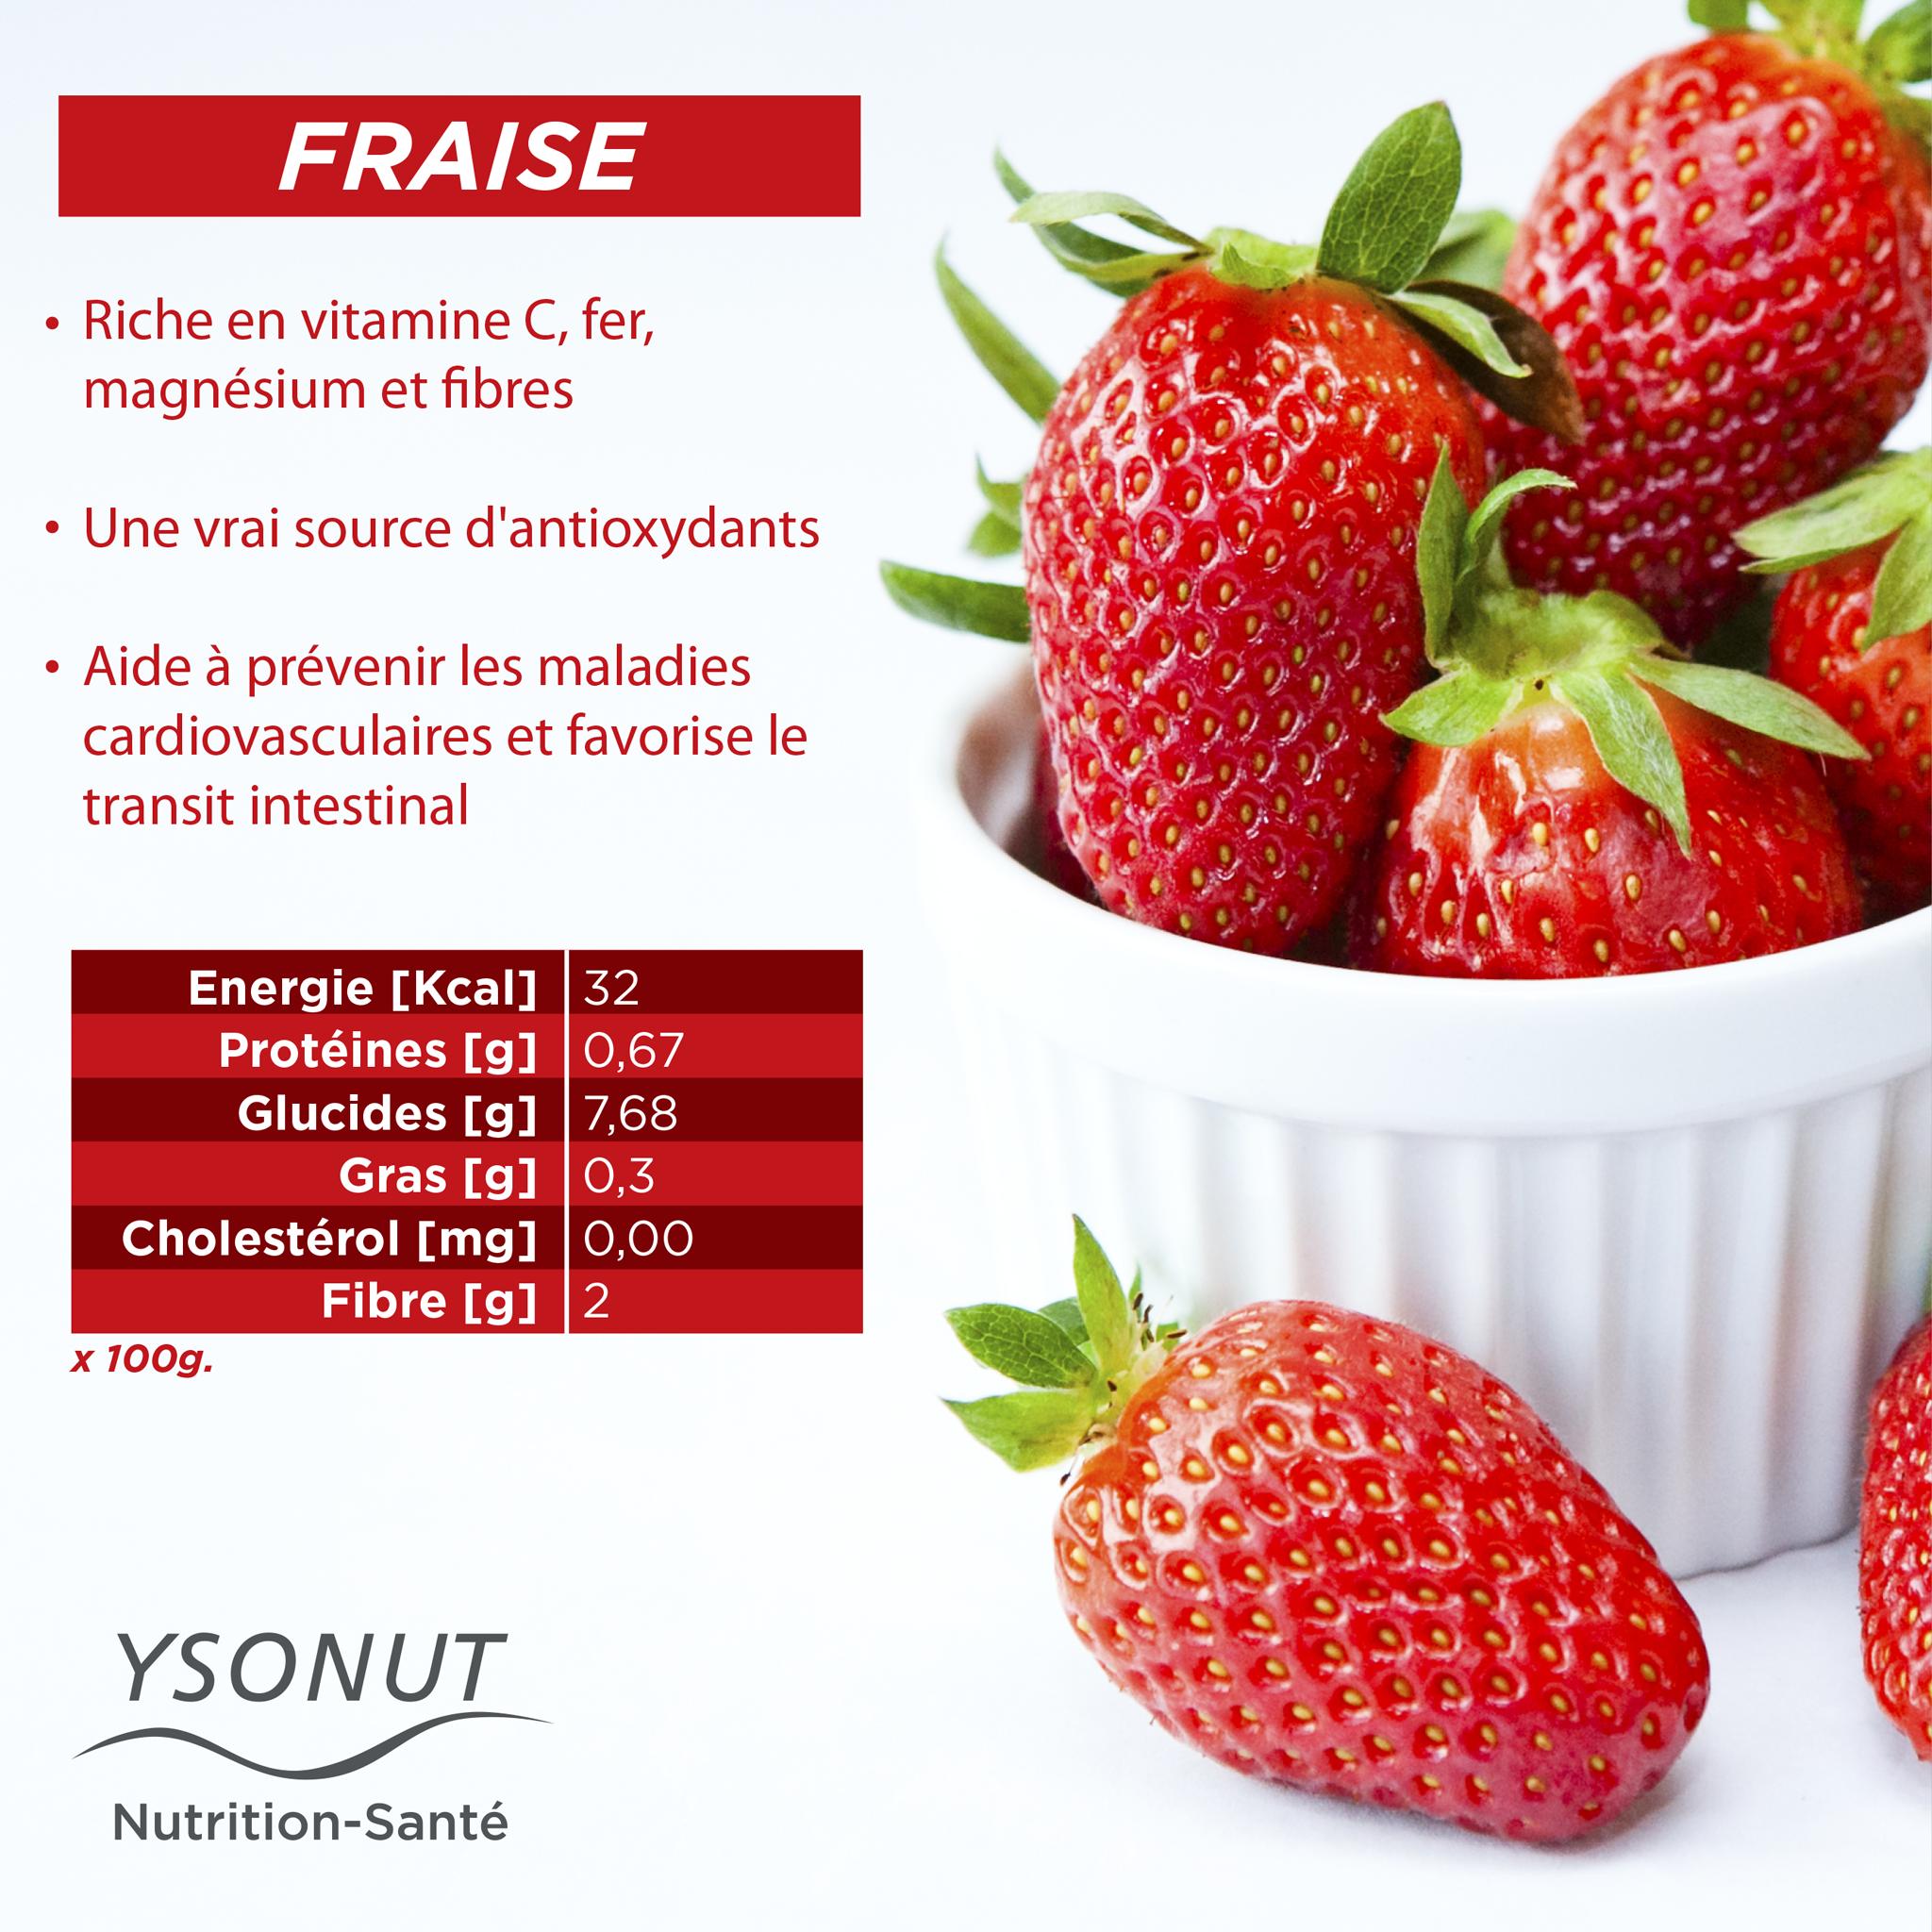 la #fraise est synonyme de printemps ! saviez-vous que les romains l